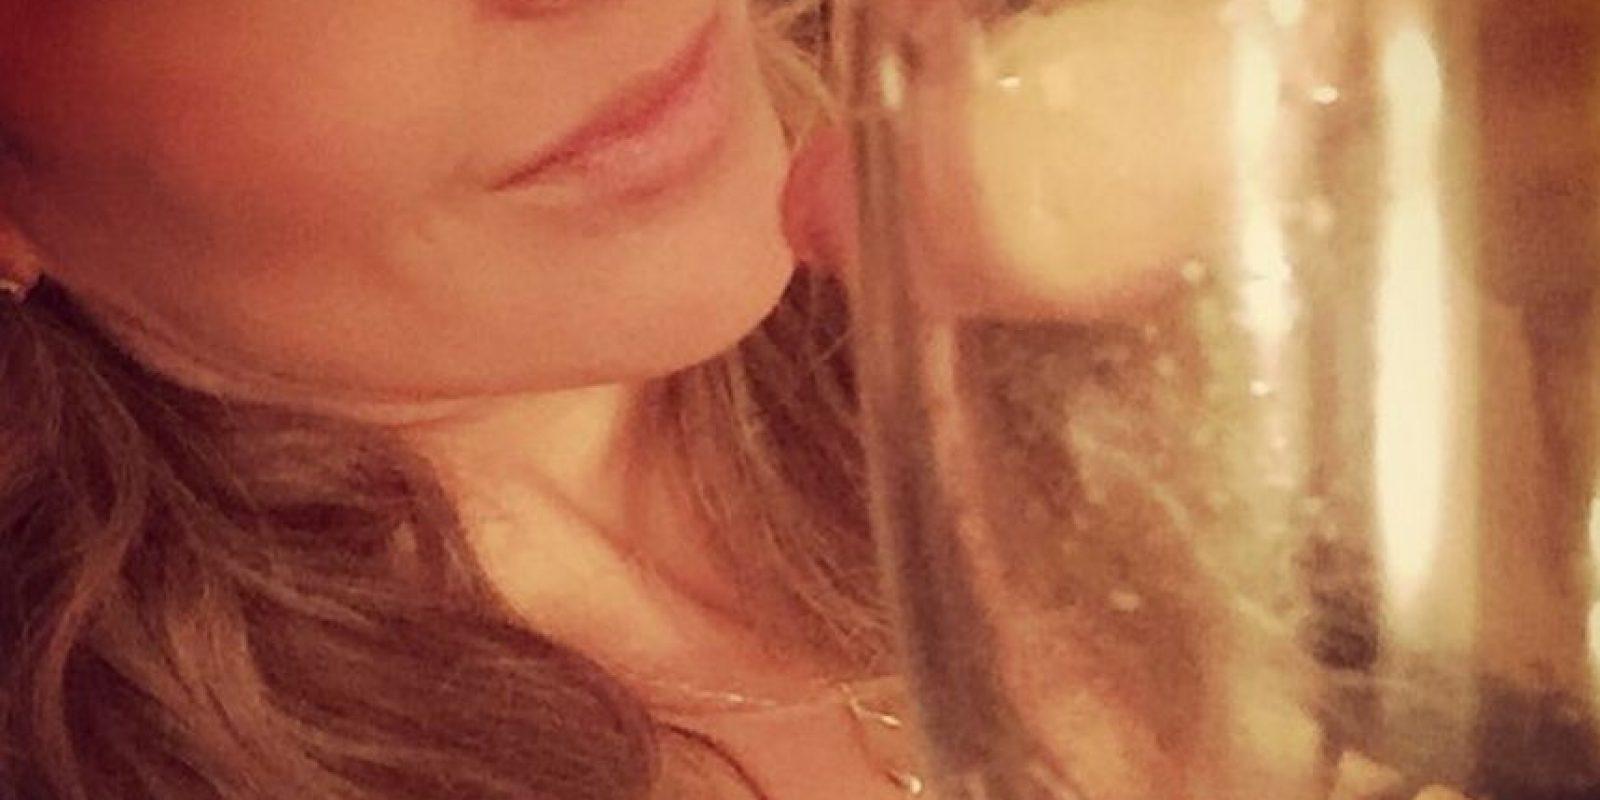 """Esto fue interpretado por muchos como una cercana """"amistad"""" de la actriz y uno de los delincuentes más buscados del mundo Foto:instagram.com/katedelcastillo/"""